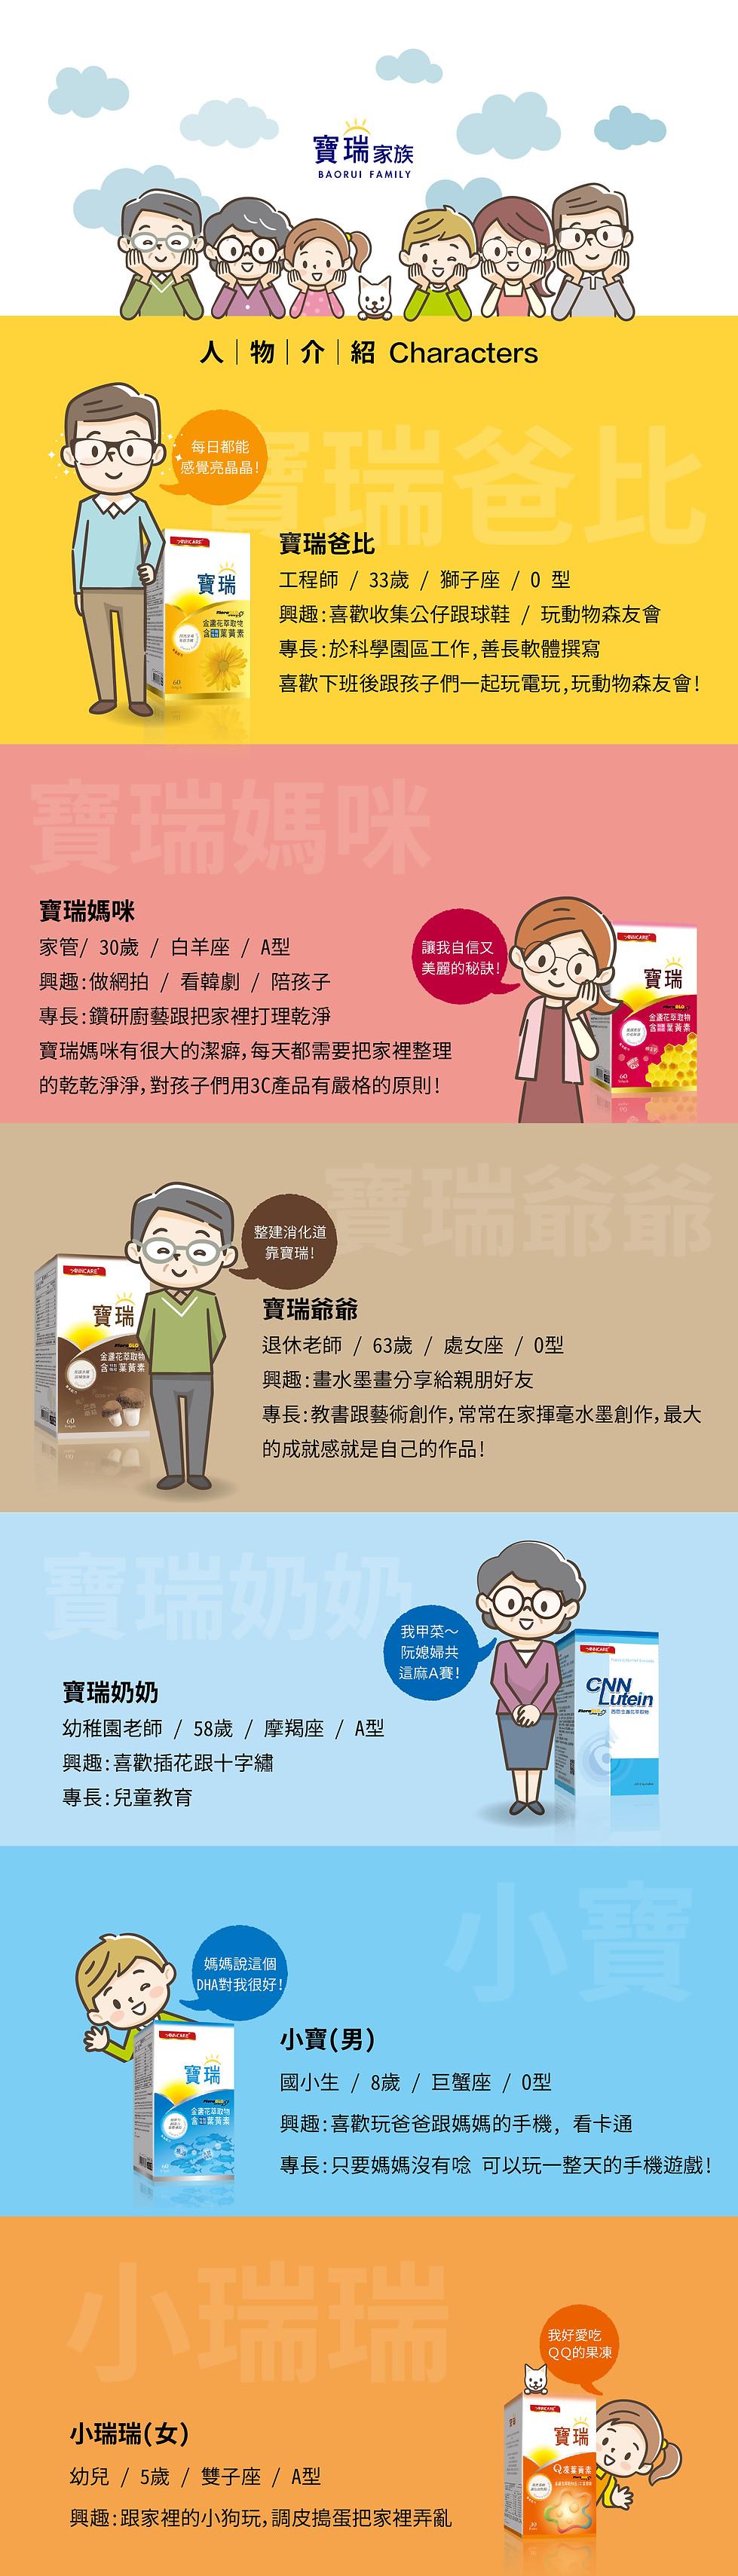 寶瑞家族頁面手機板_人物介紹PHONE.jpg